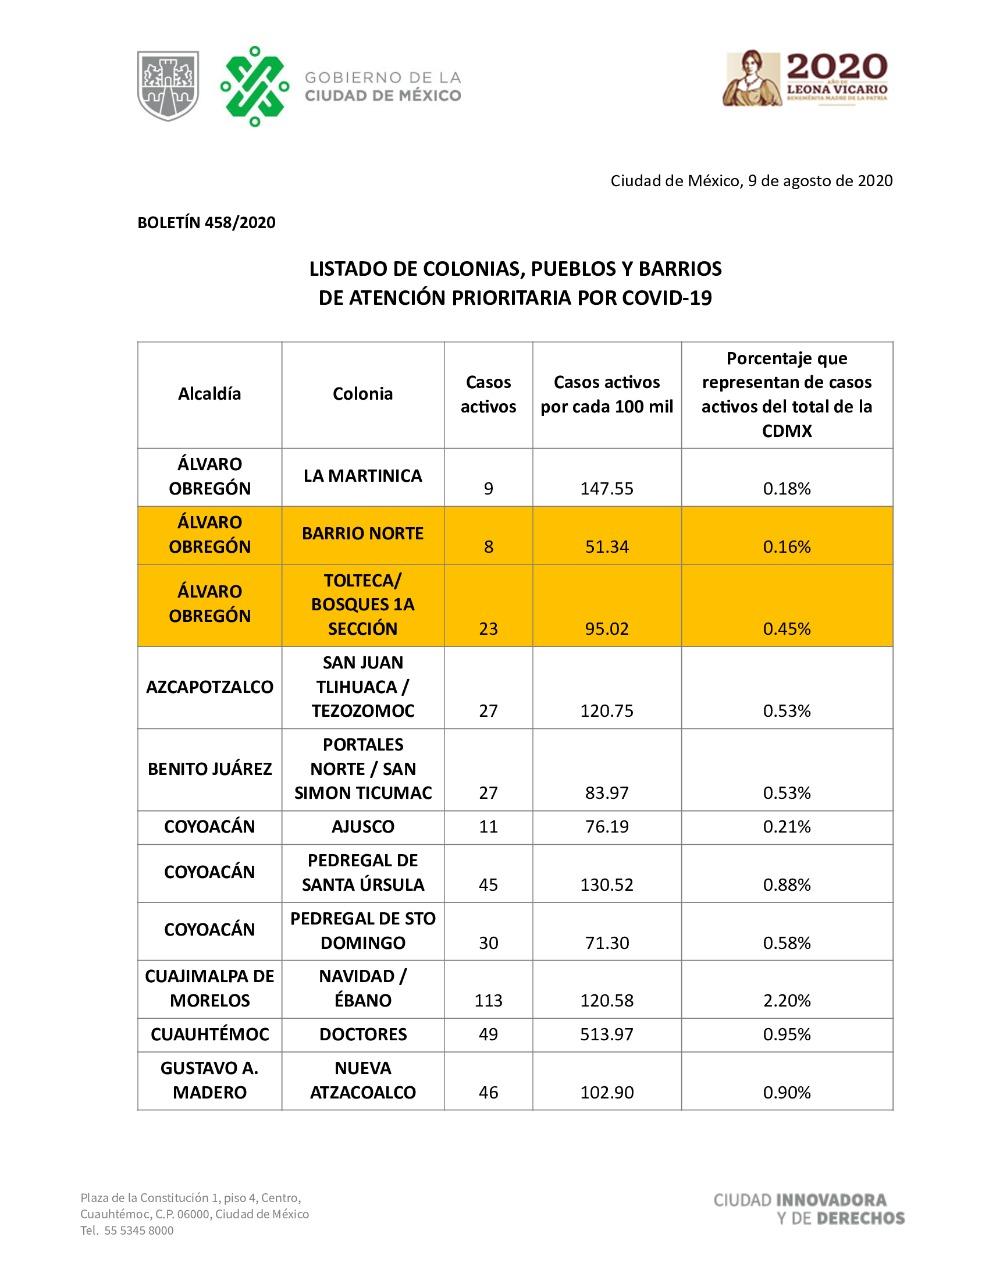 El Gobierno de la Ciudad de México informa: Listado de Colonias, Pueblos y Barrios de Atención Prioritaria por COVID-19